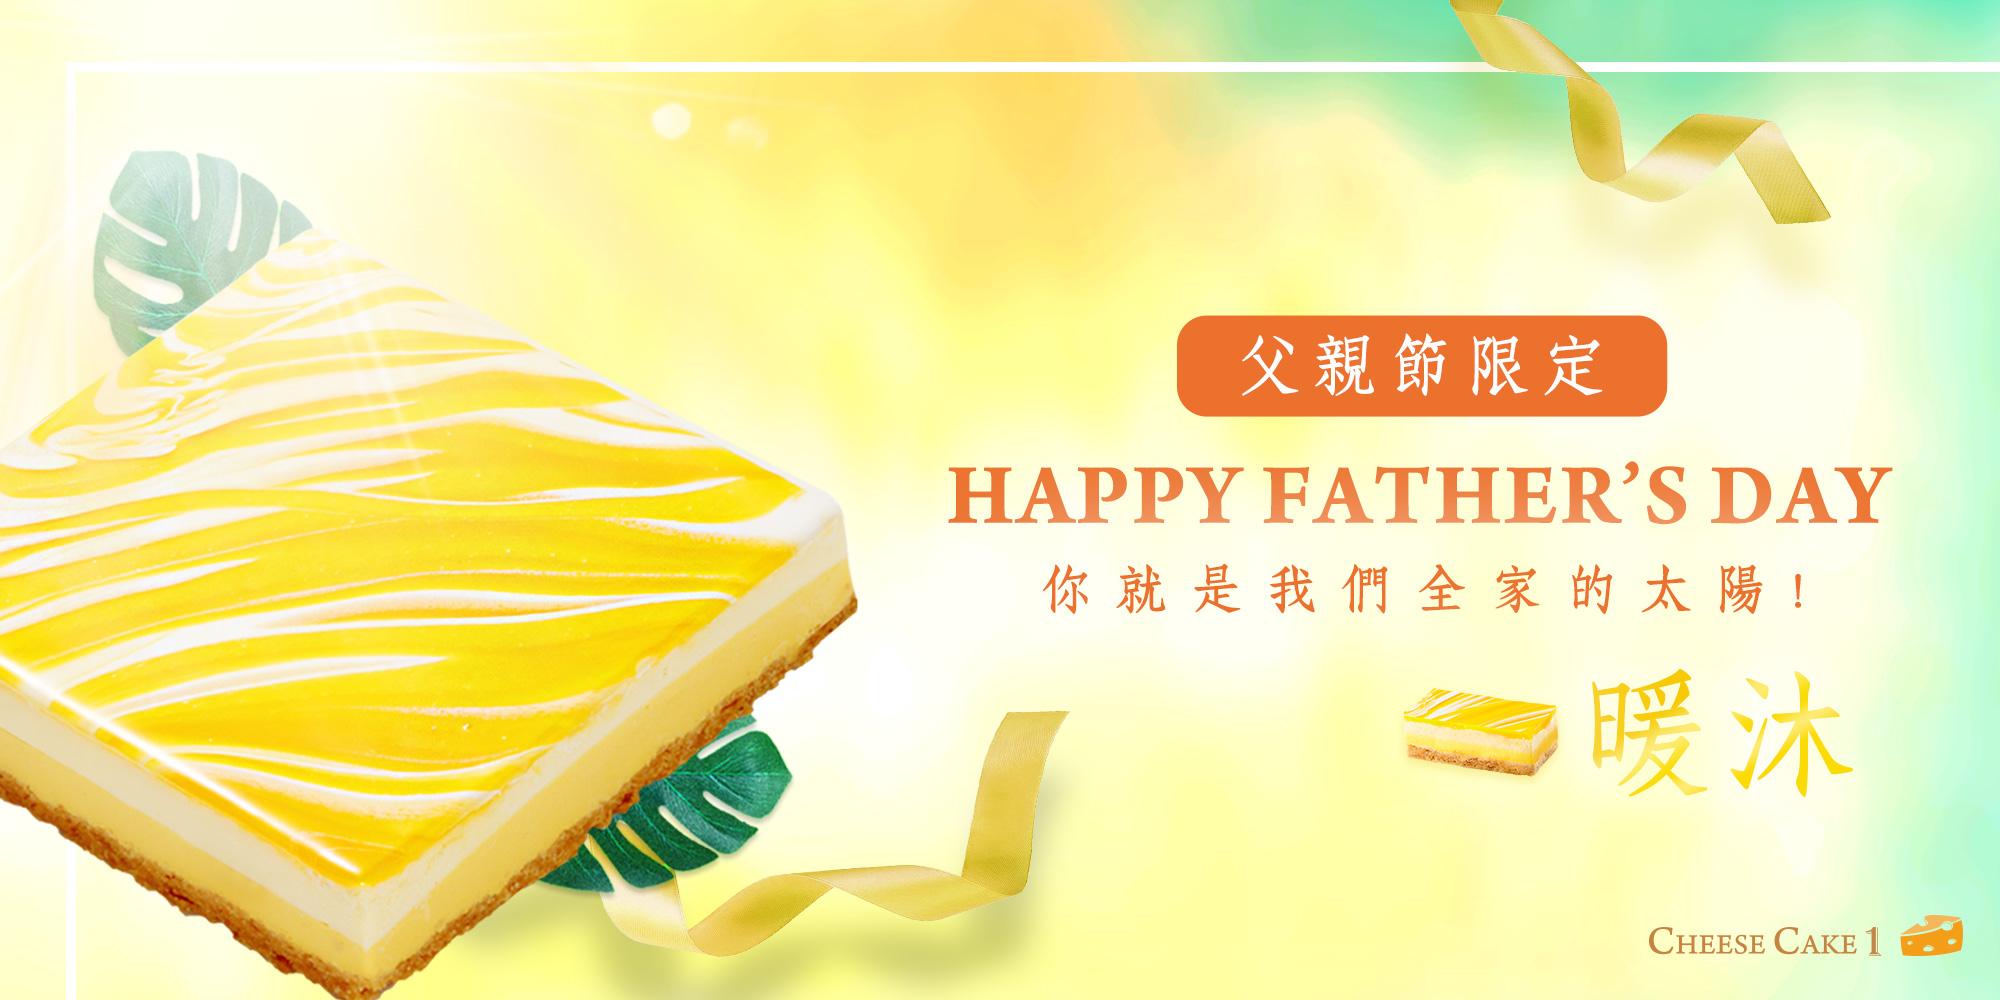 父親節蛋糕,父親節蛋糕推薦,宅配父親節蛋糕